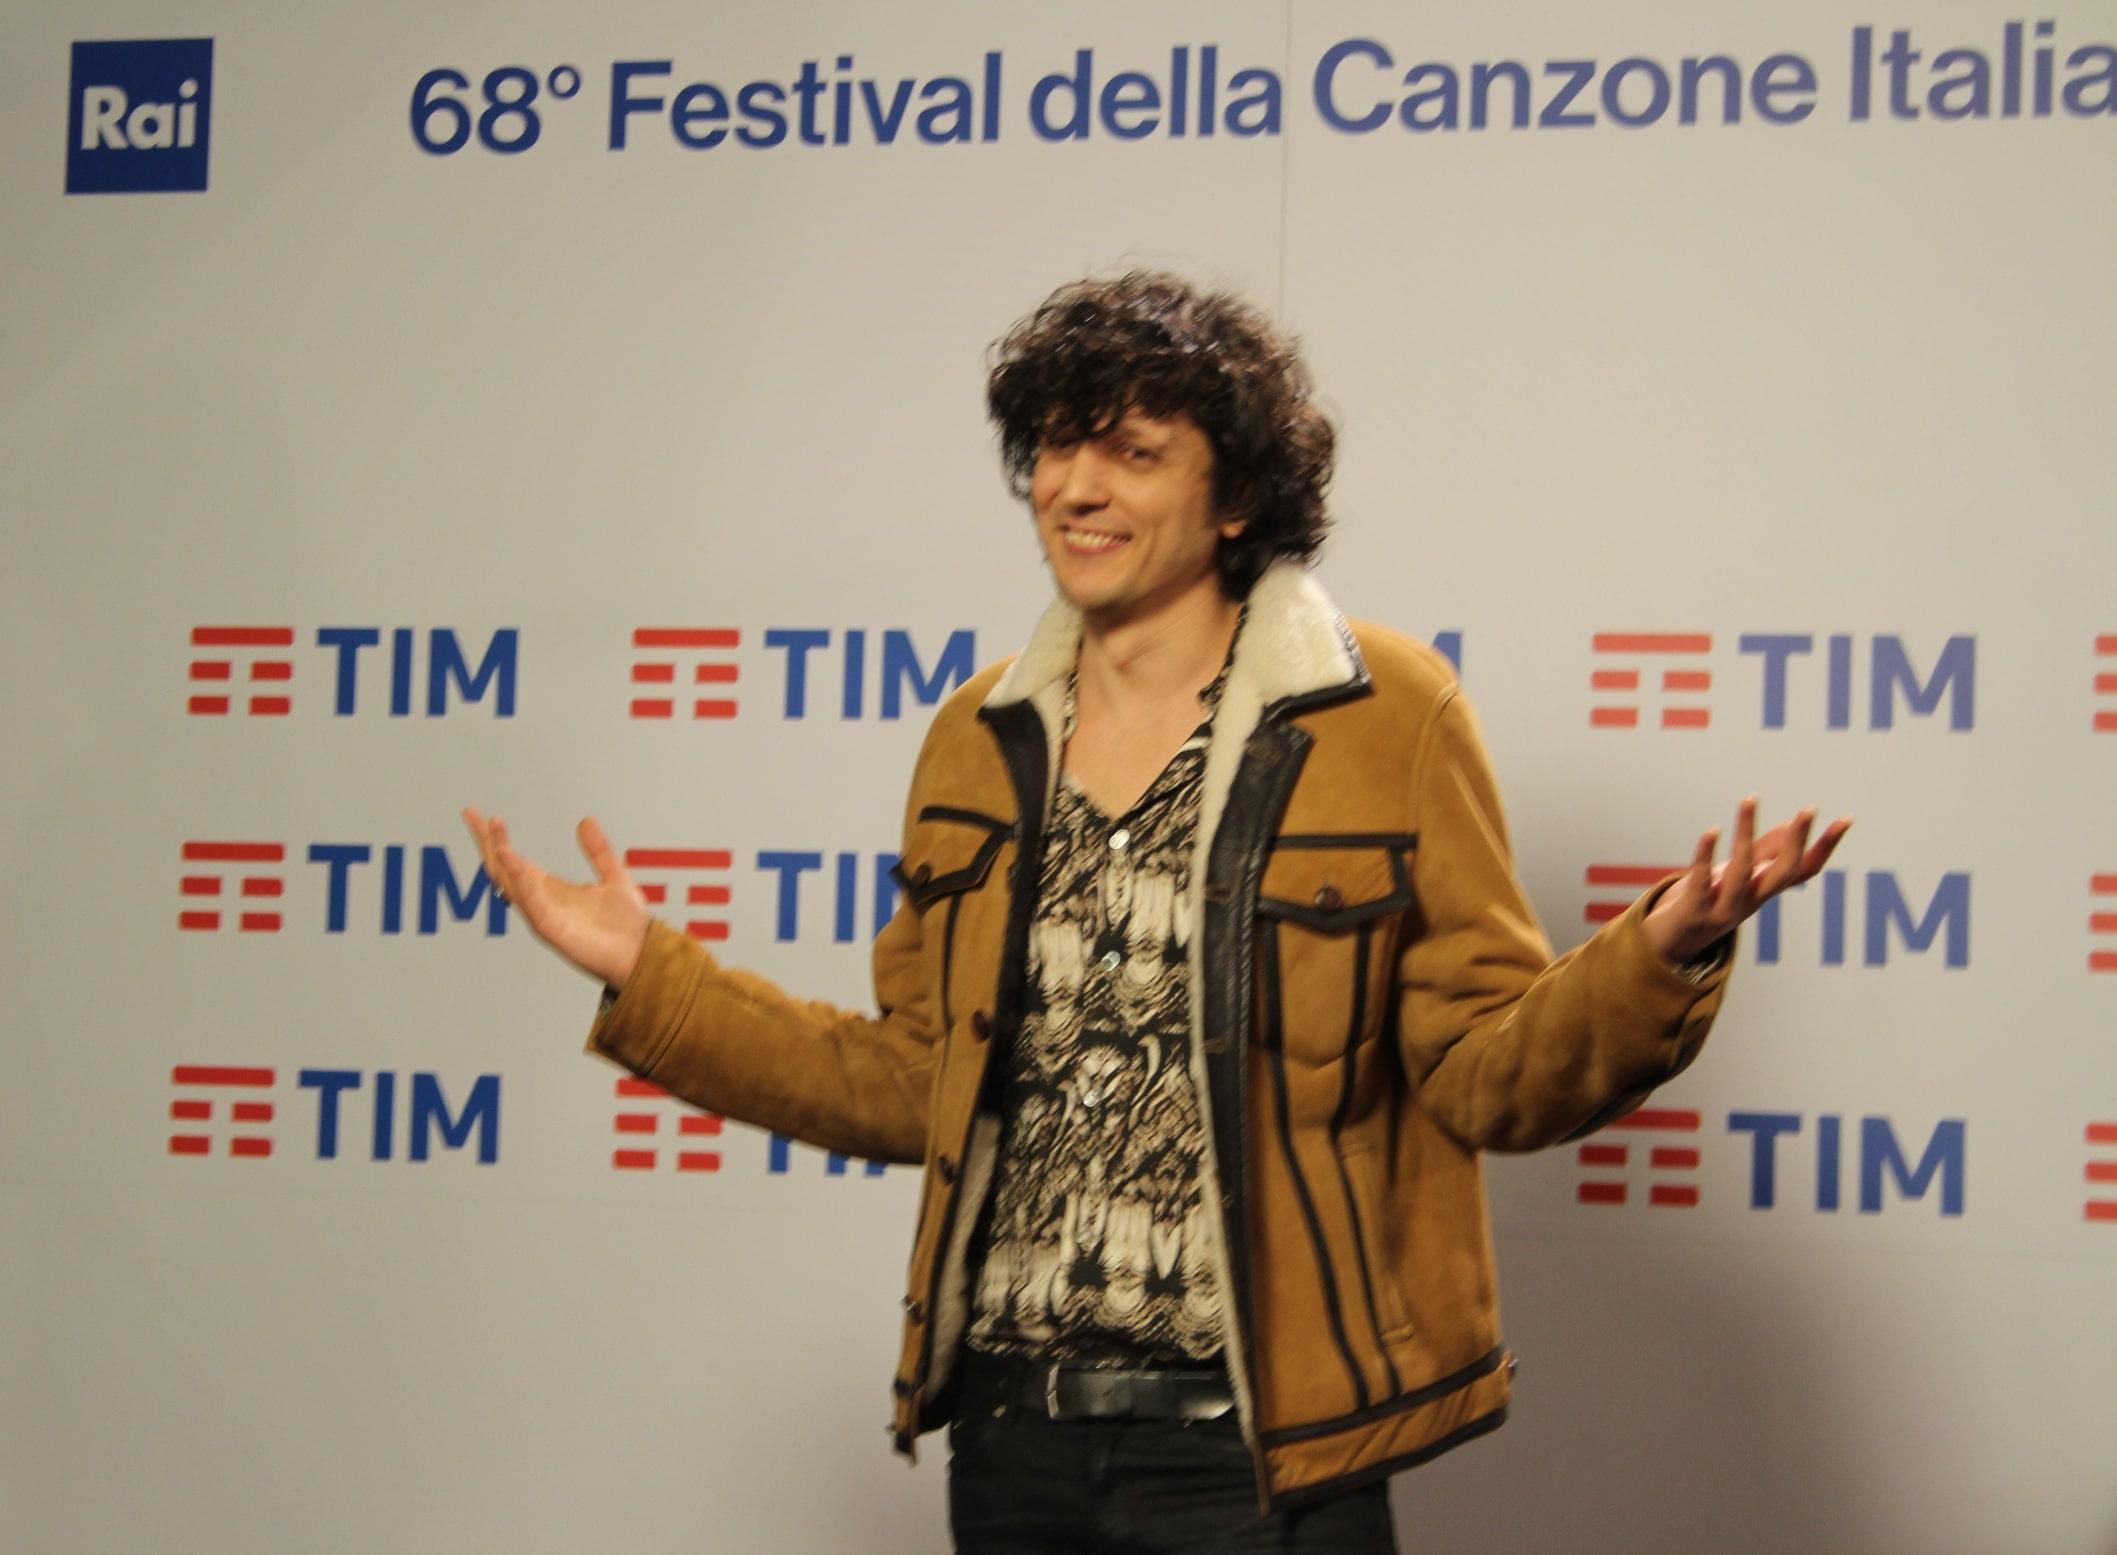 Premio speciale a Michele Placido per i Soundies Award di Casa Sanremo